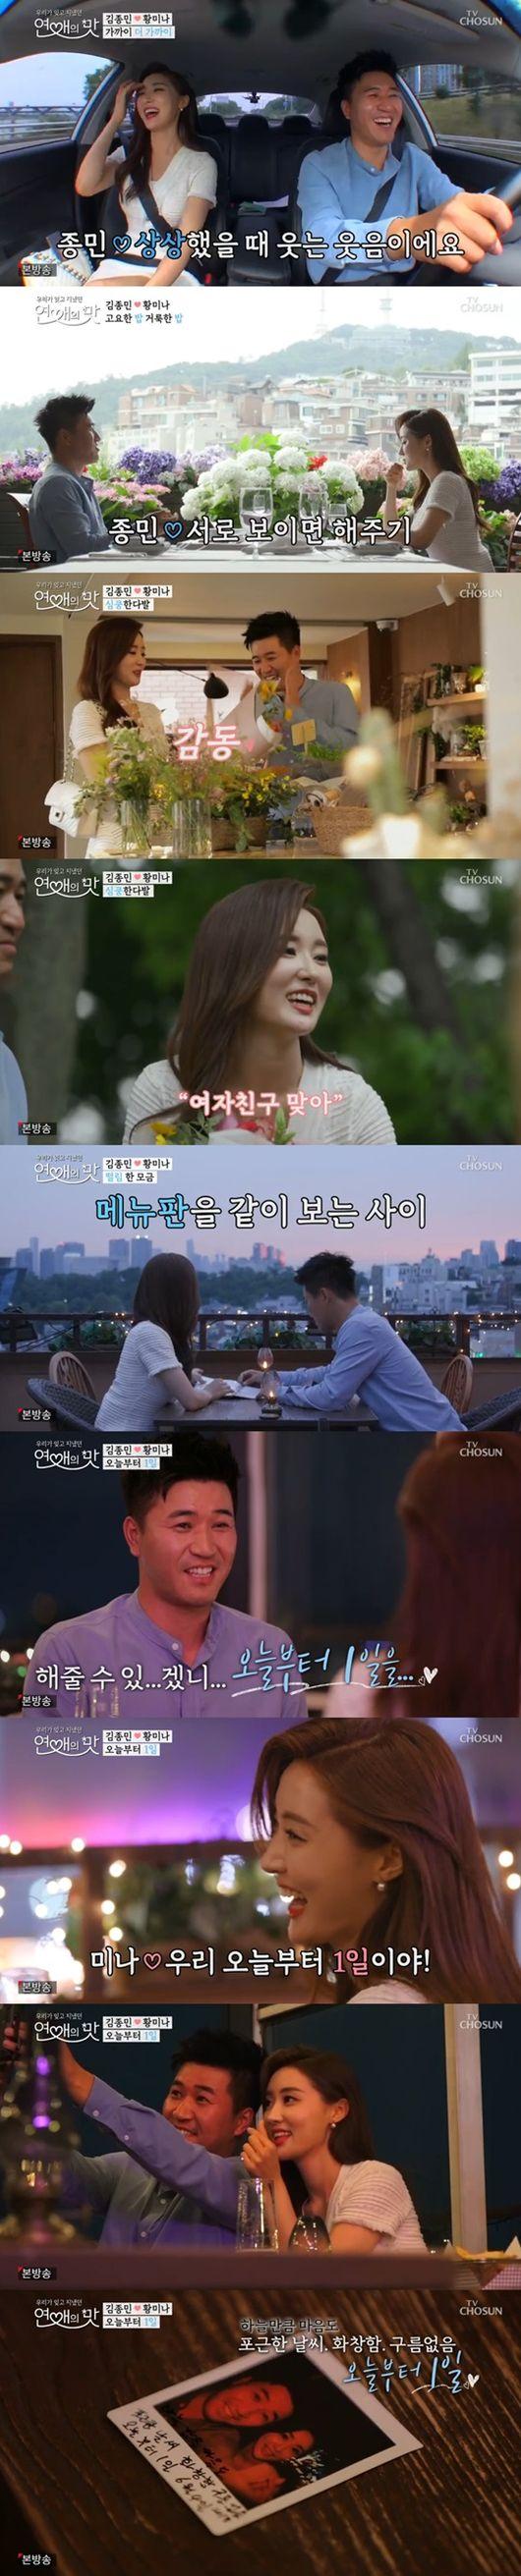 연애의 맛, 김종민♥황미나 맞선 성공...구준엽 소개팅 시작 [종합]